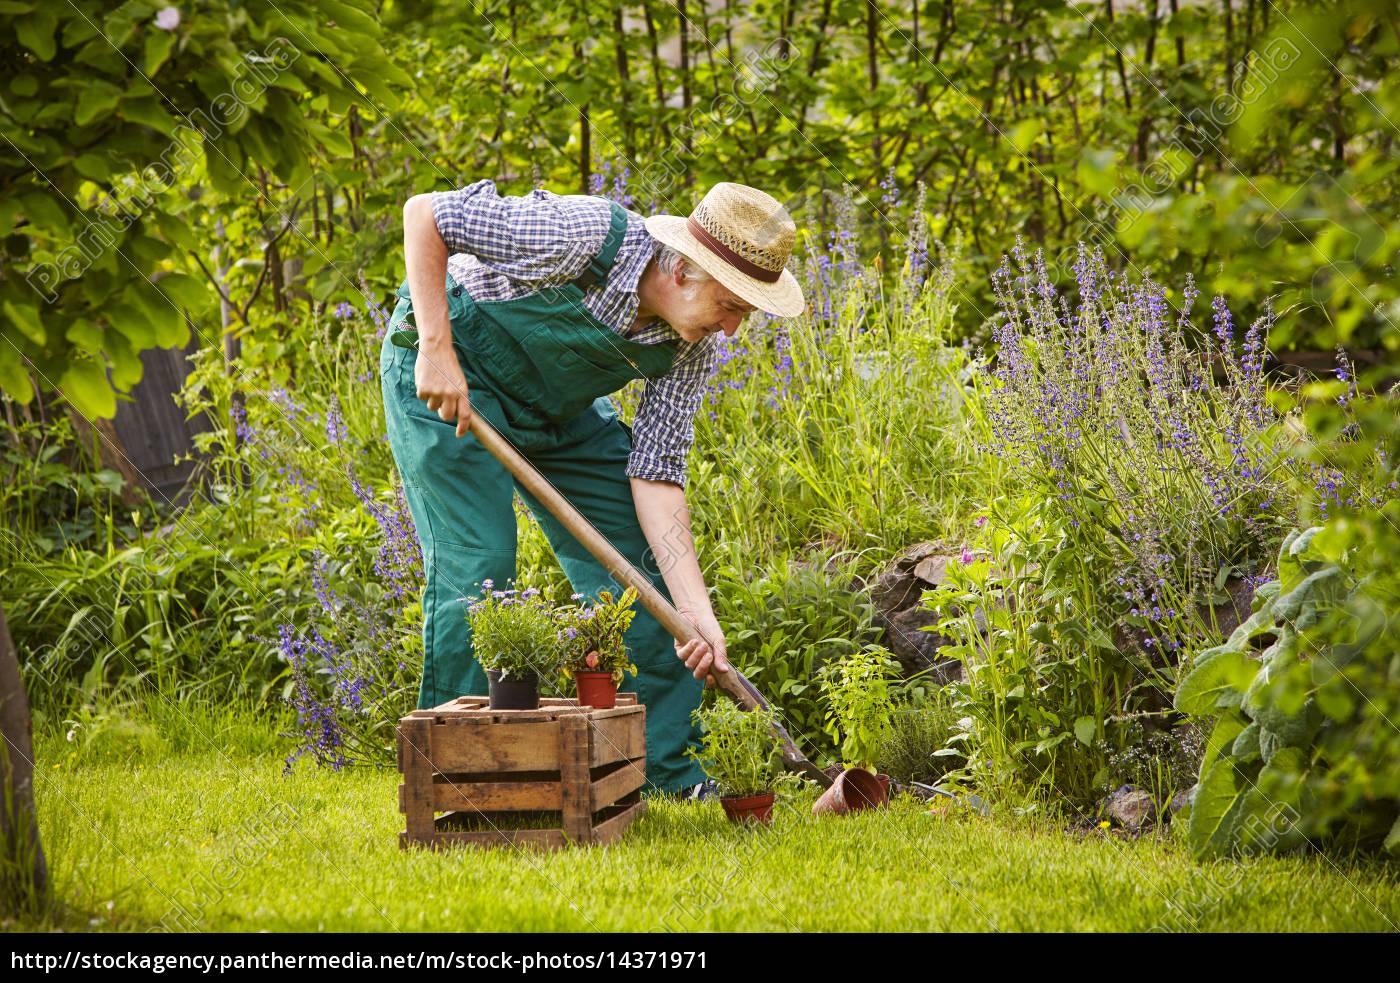 Prächtig Mann Garten Arbeiten - Stockfoto - #14371971 - Bildagentur #CW_66